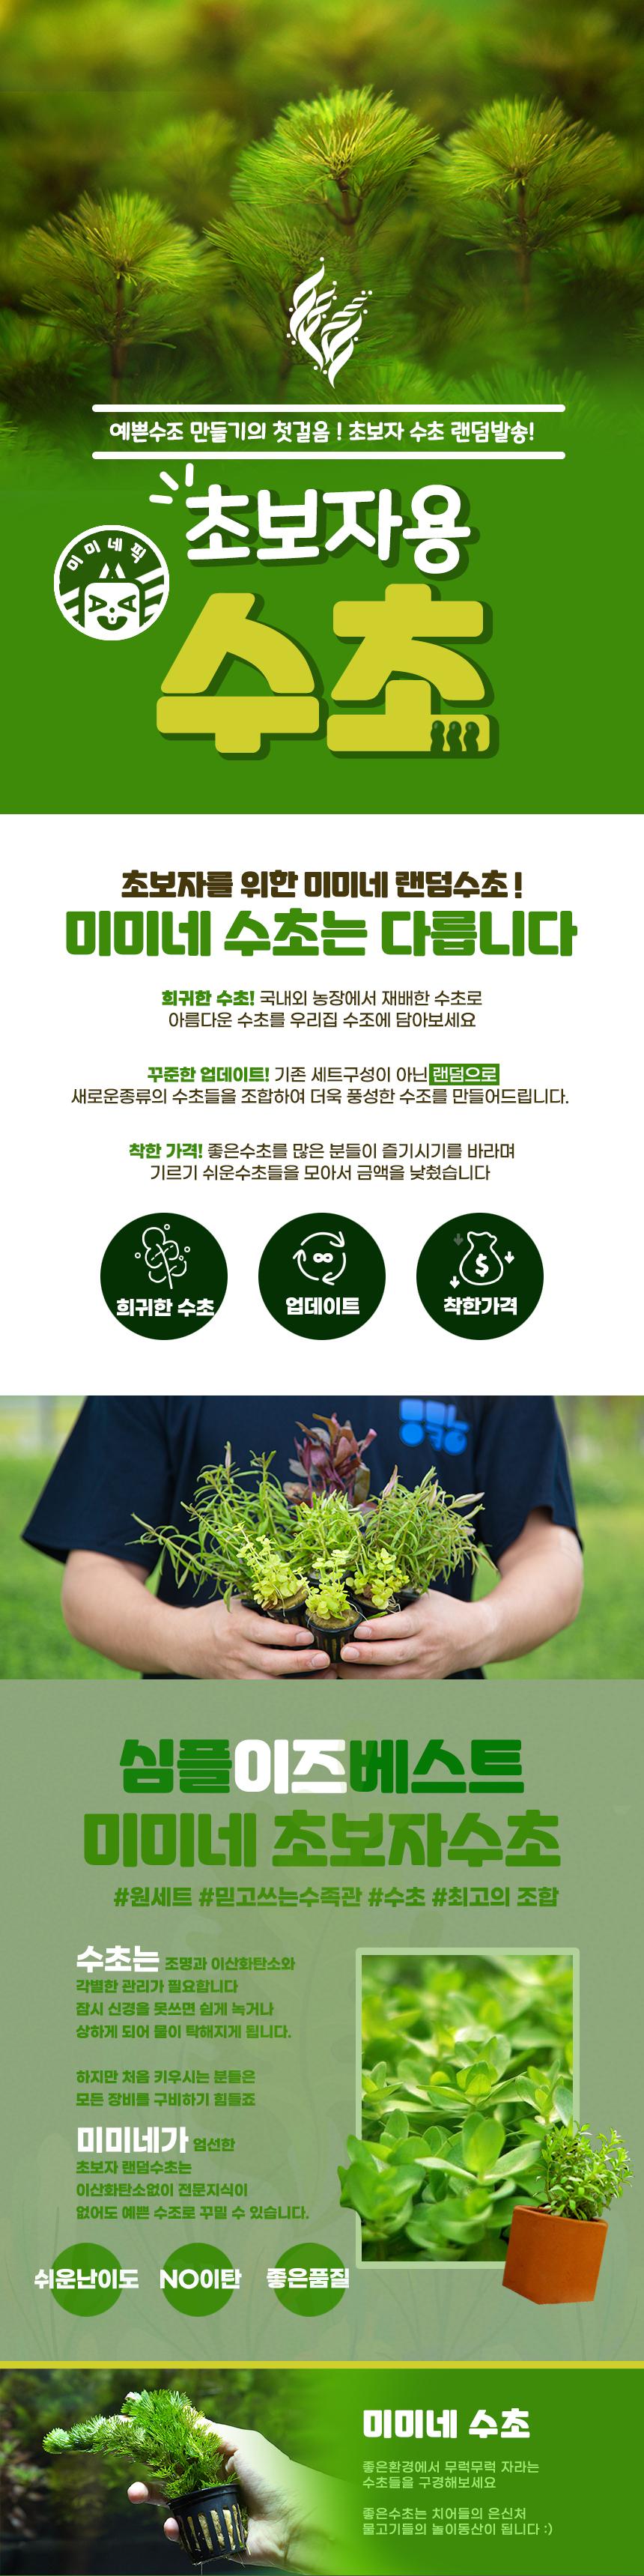 초보자용 랜덤수초 초보수초 세트 - 25촉내외 - 미미네아쿠아, 9,000원, 장식품, 수초